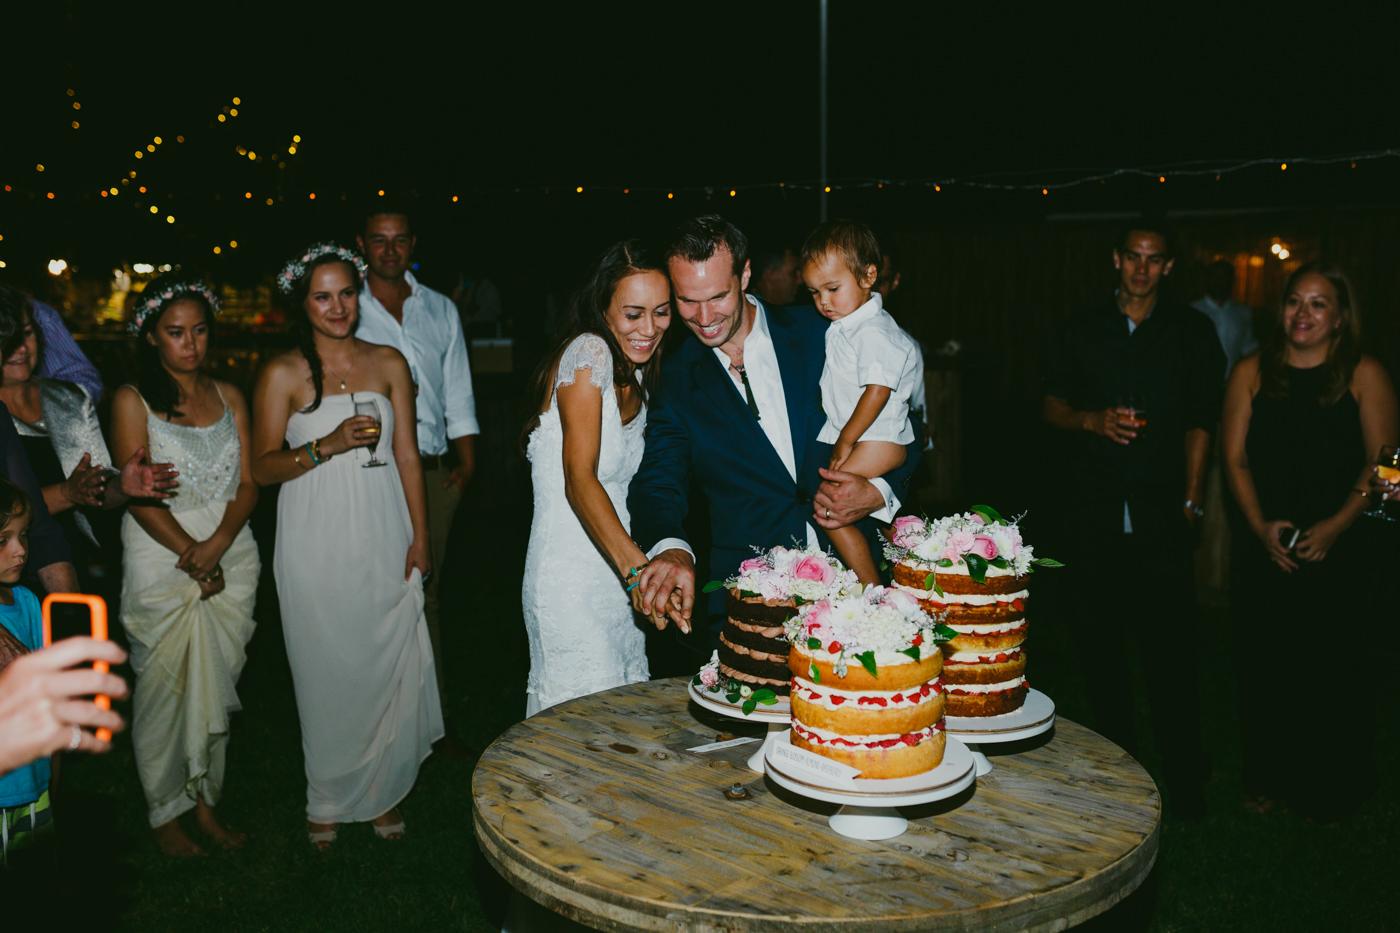 089z_auckland_leigh_wedding_photos.jpg